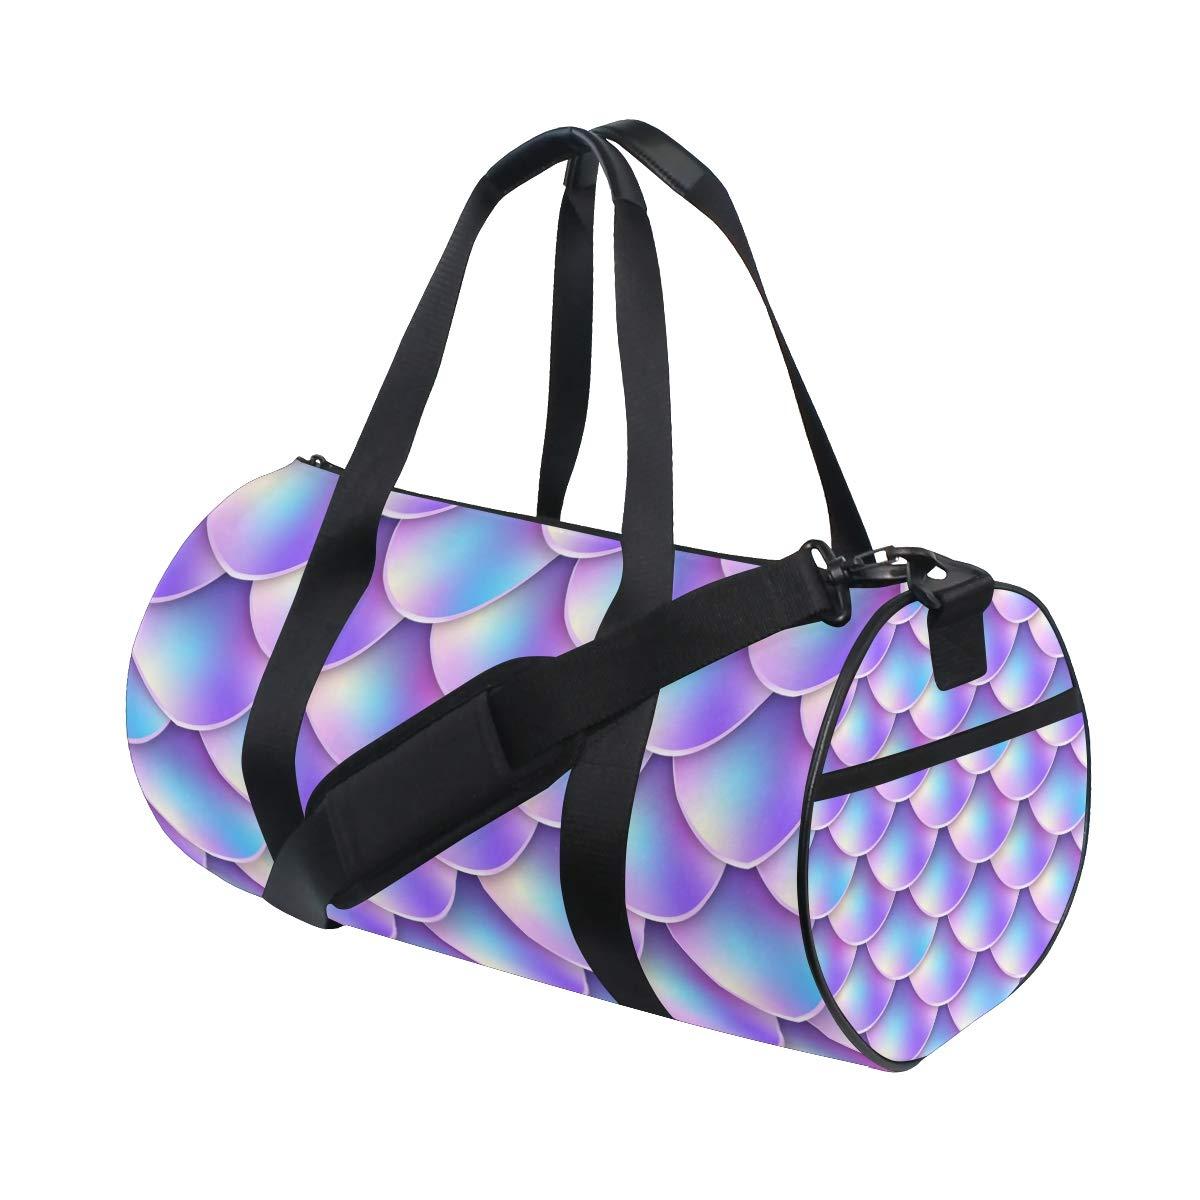 Amazon.com: Brighter - Bolsas de gimnasio con cola de sirena ...